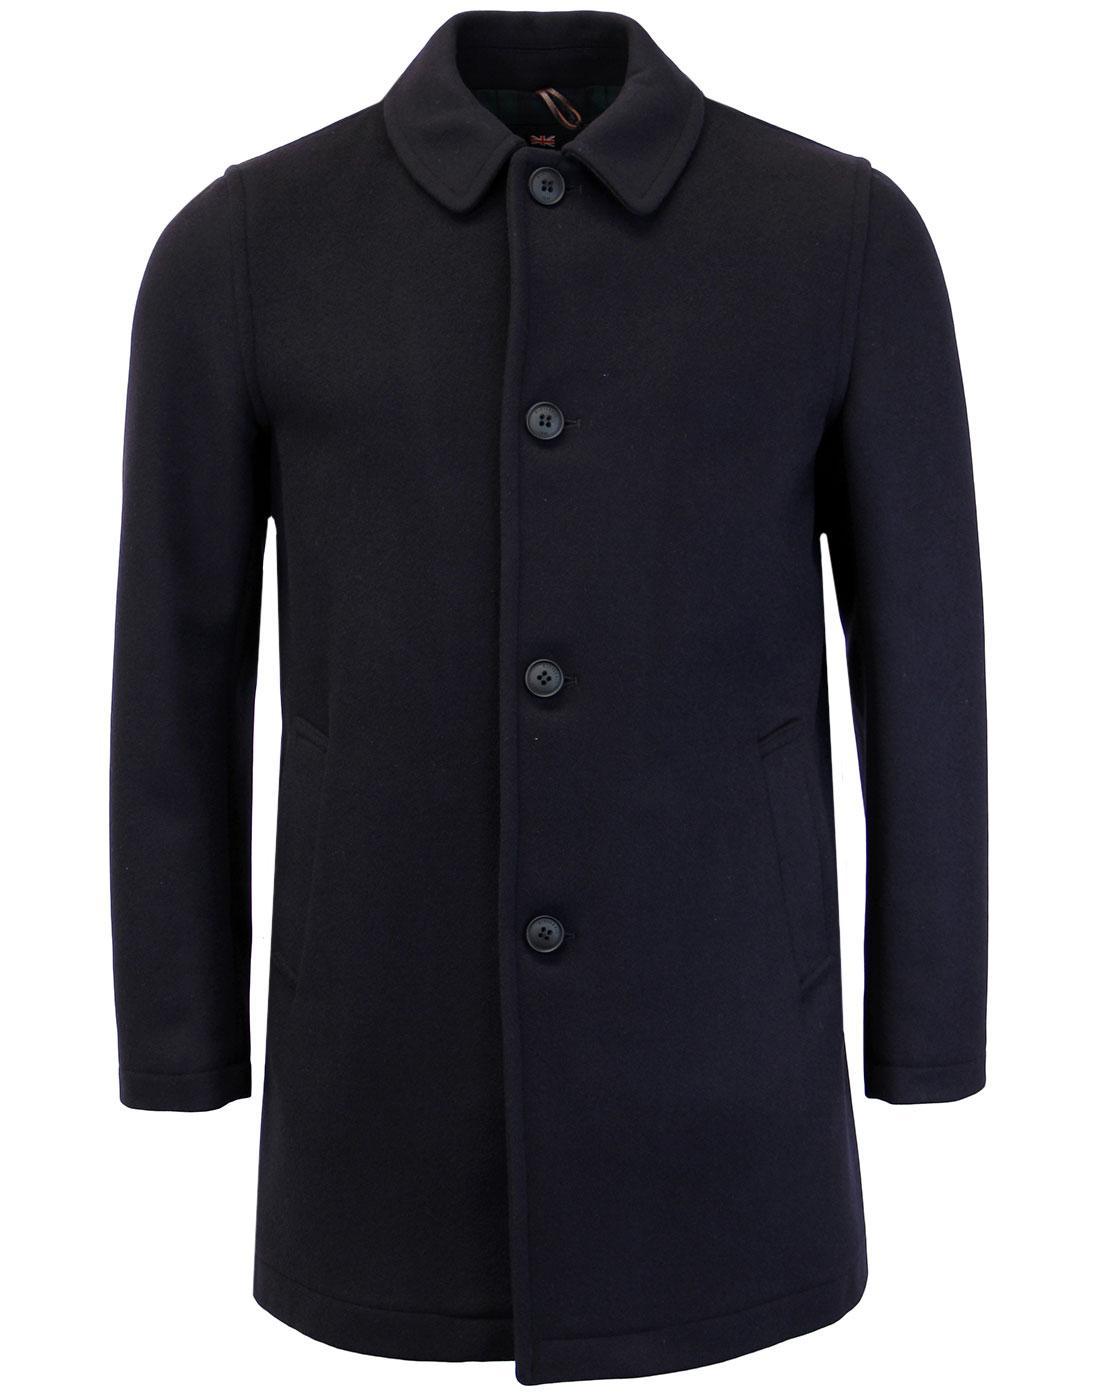 Gloverall Duffle Coats & Jackets For Men   Atom Retro